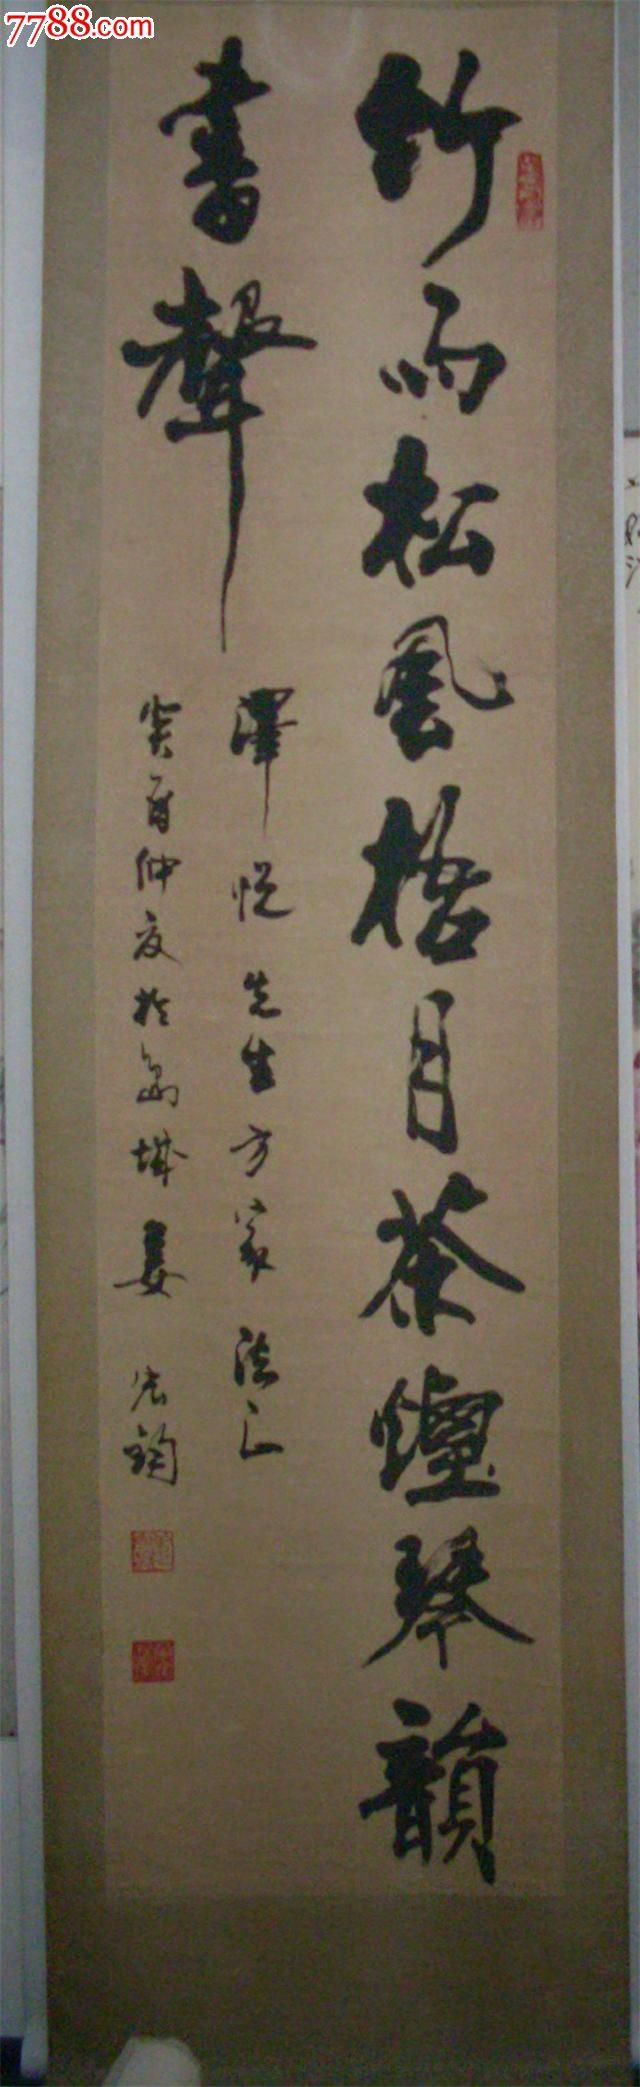 青岛著名书法家姜宏均【四尺条幅138*34公分】已故